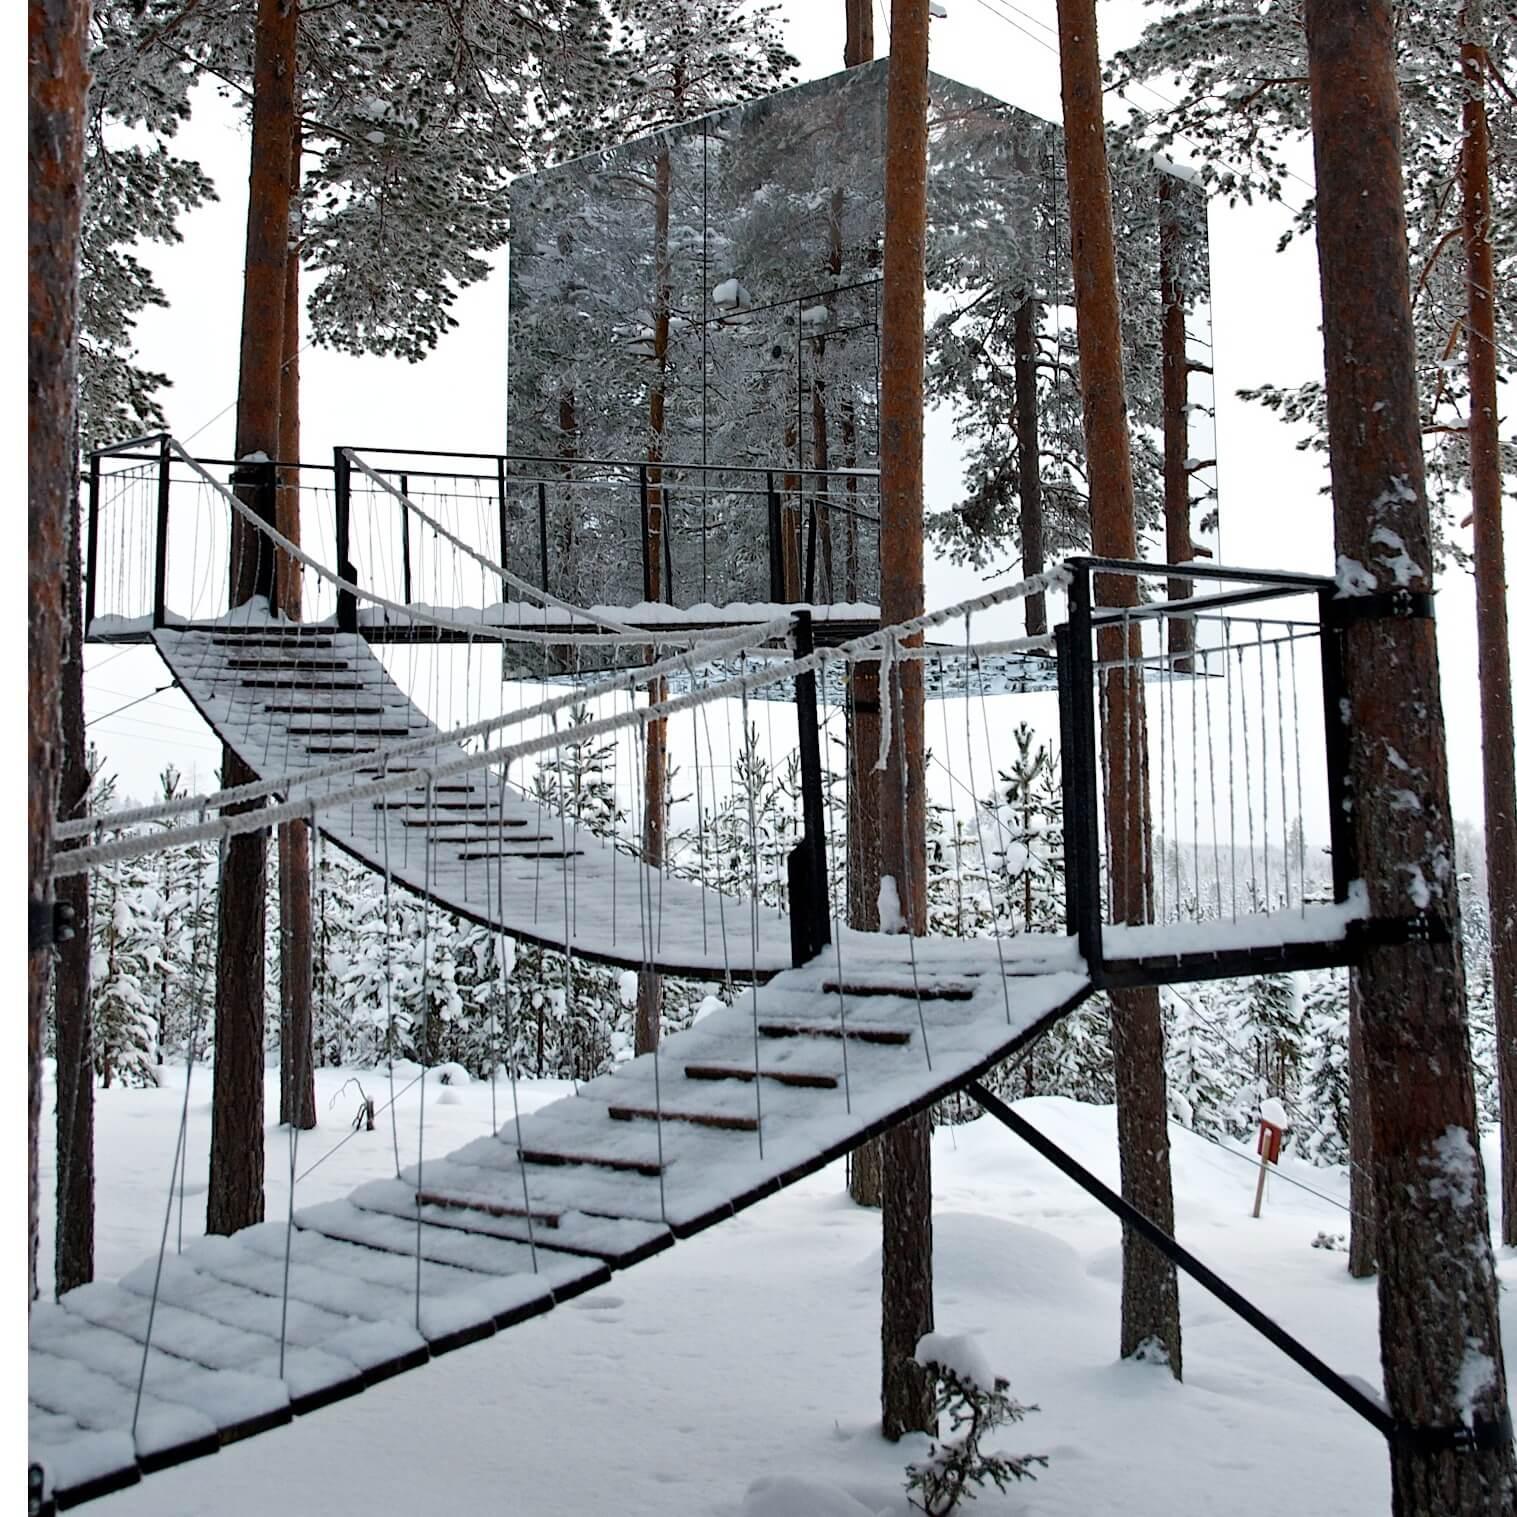 TreeHotel Scandinavia